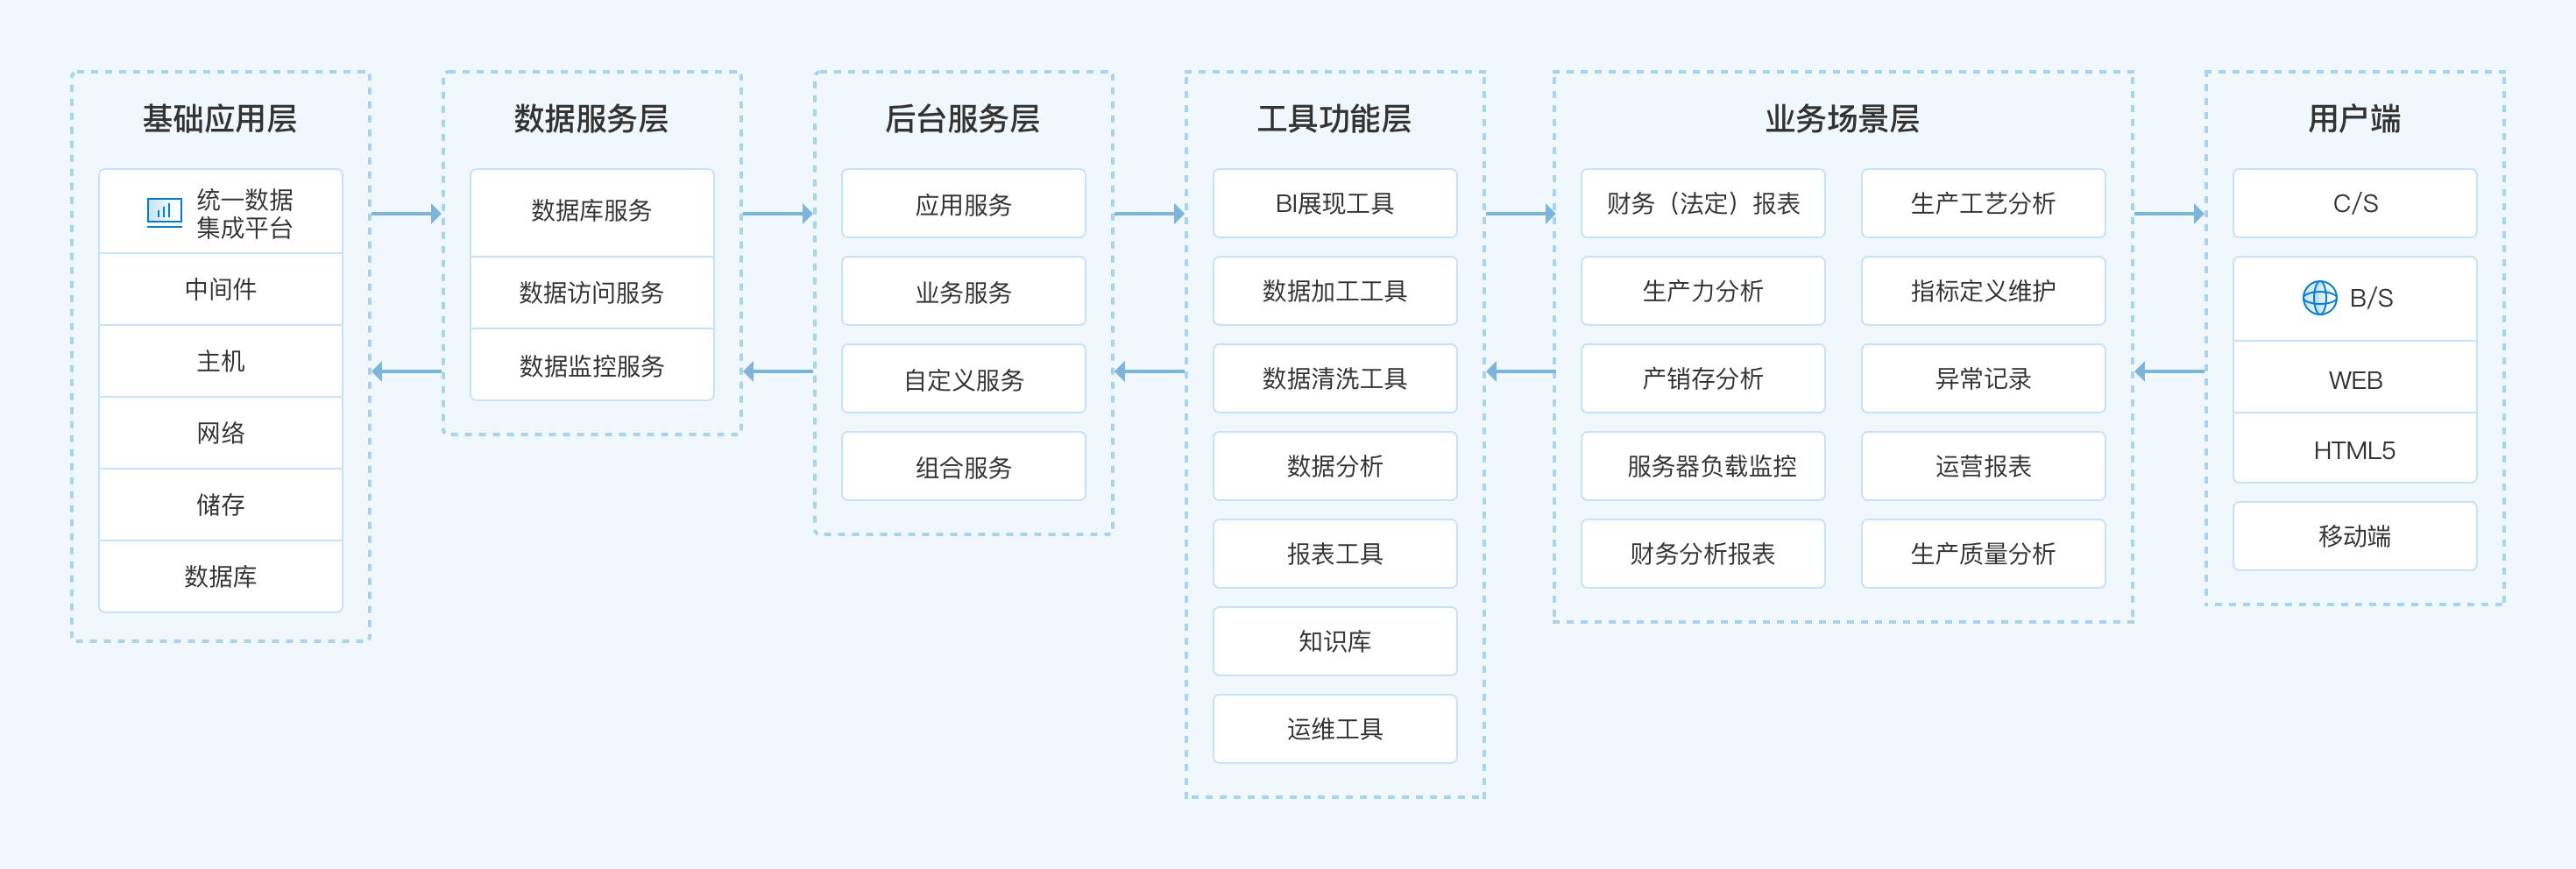 化工行業數據系統